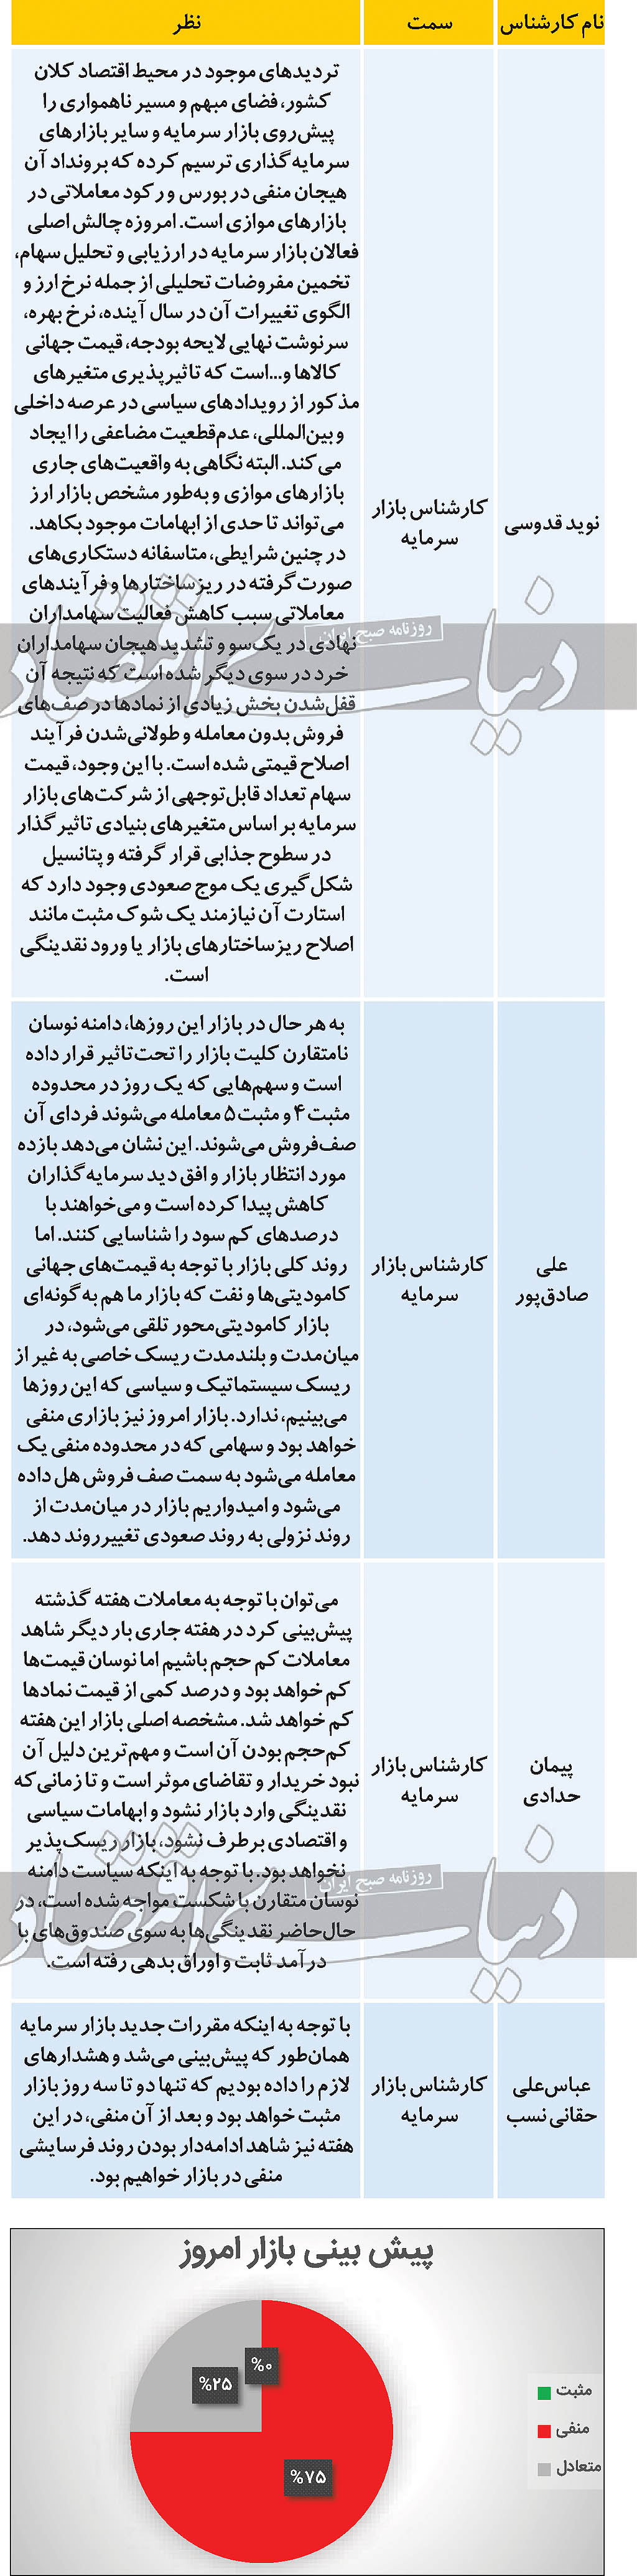 ناامیدی کارشناسان از بورس امروز (۹۹/۱۲/۰۹)